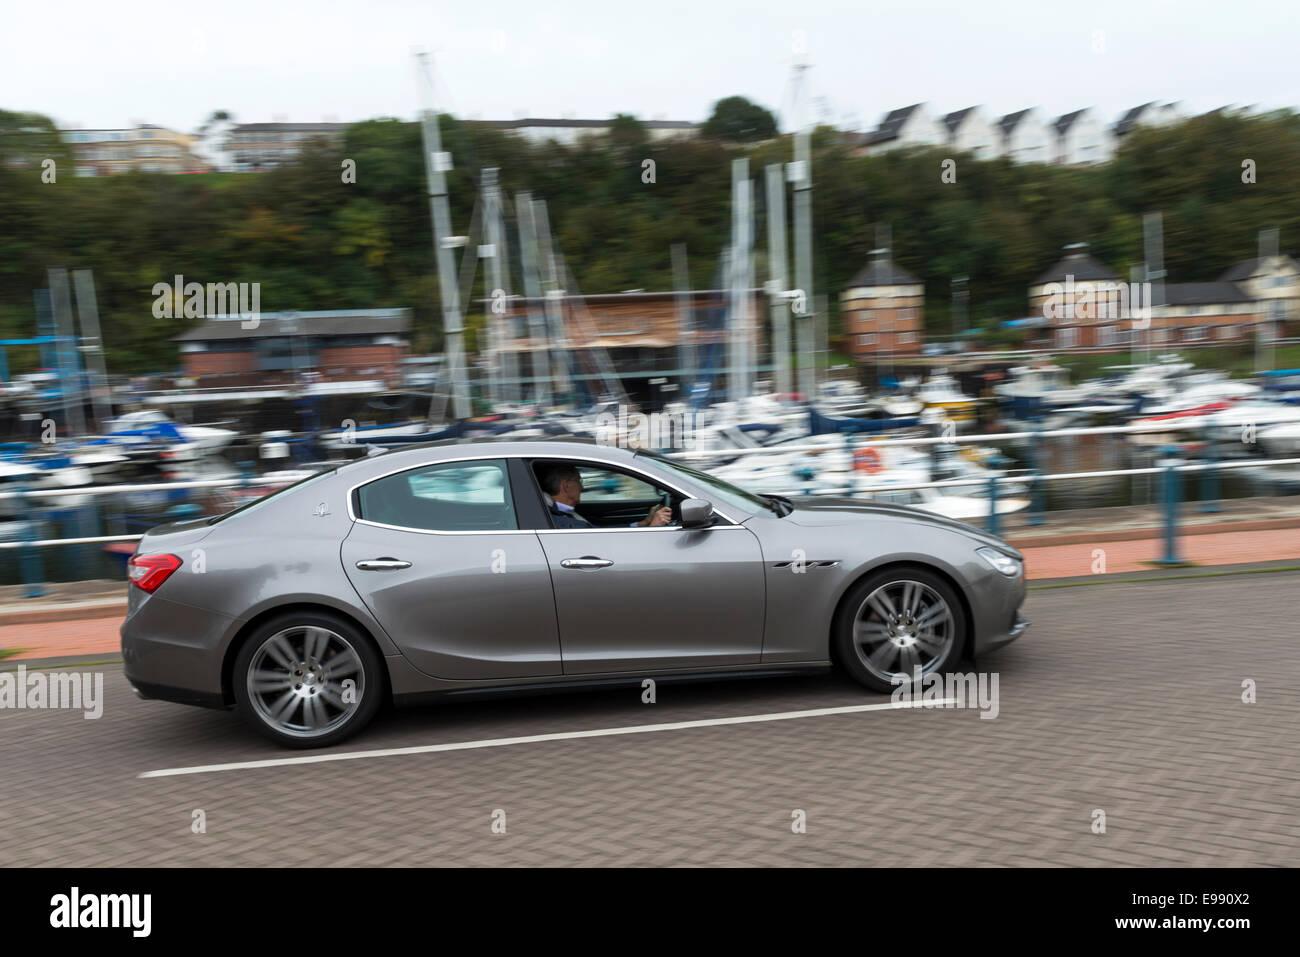 A Maserati Ghibli sports saloon car photographed at Penarth Marina, South Wales. Stock Photo